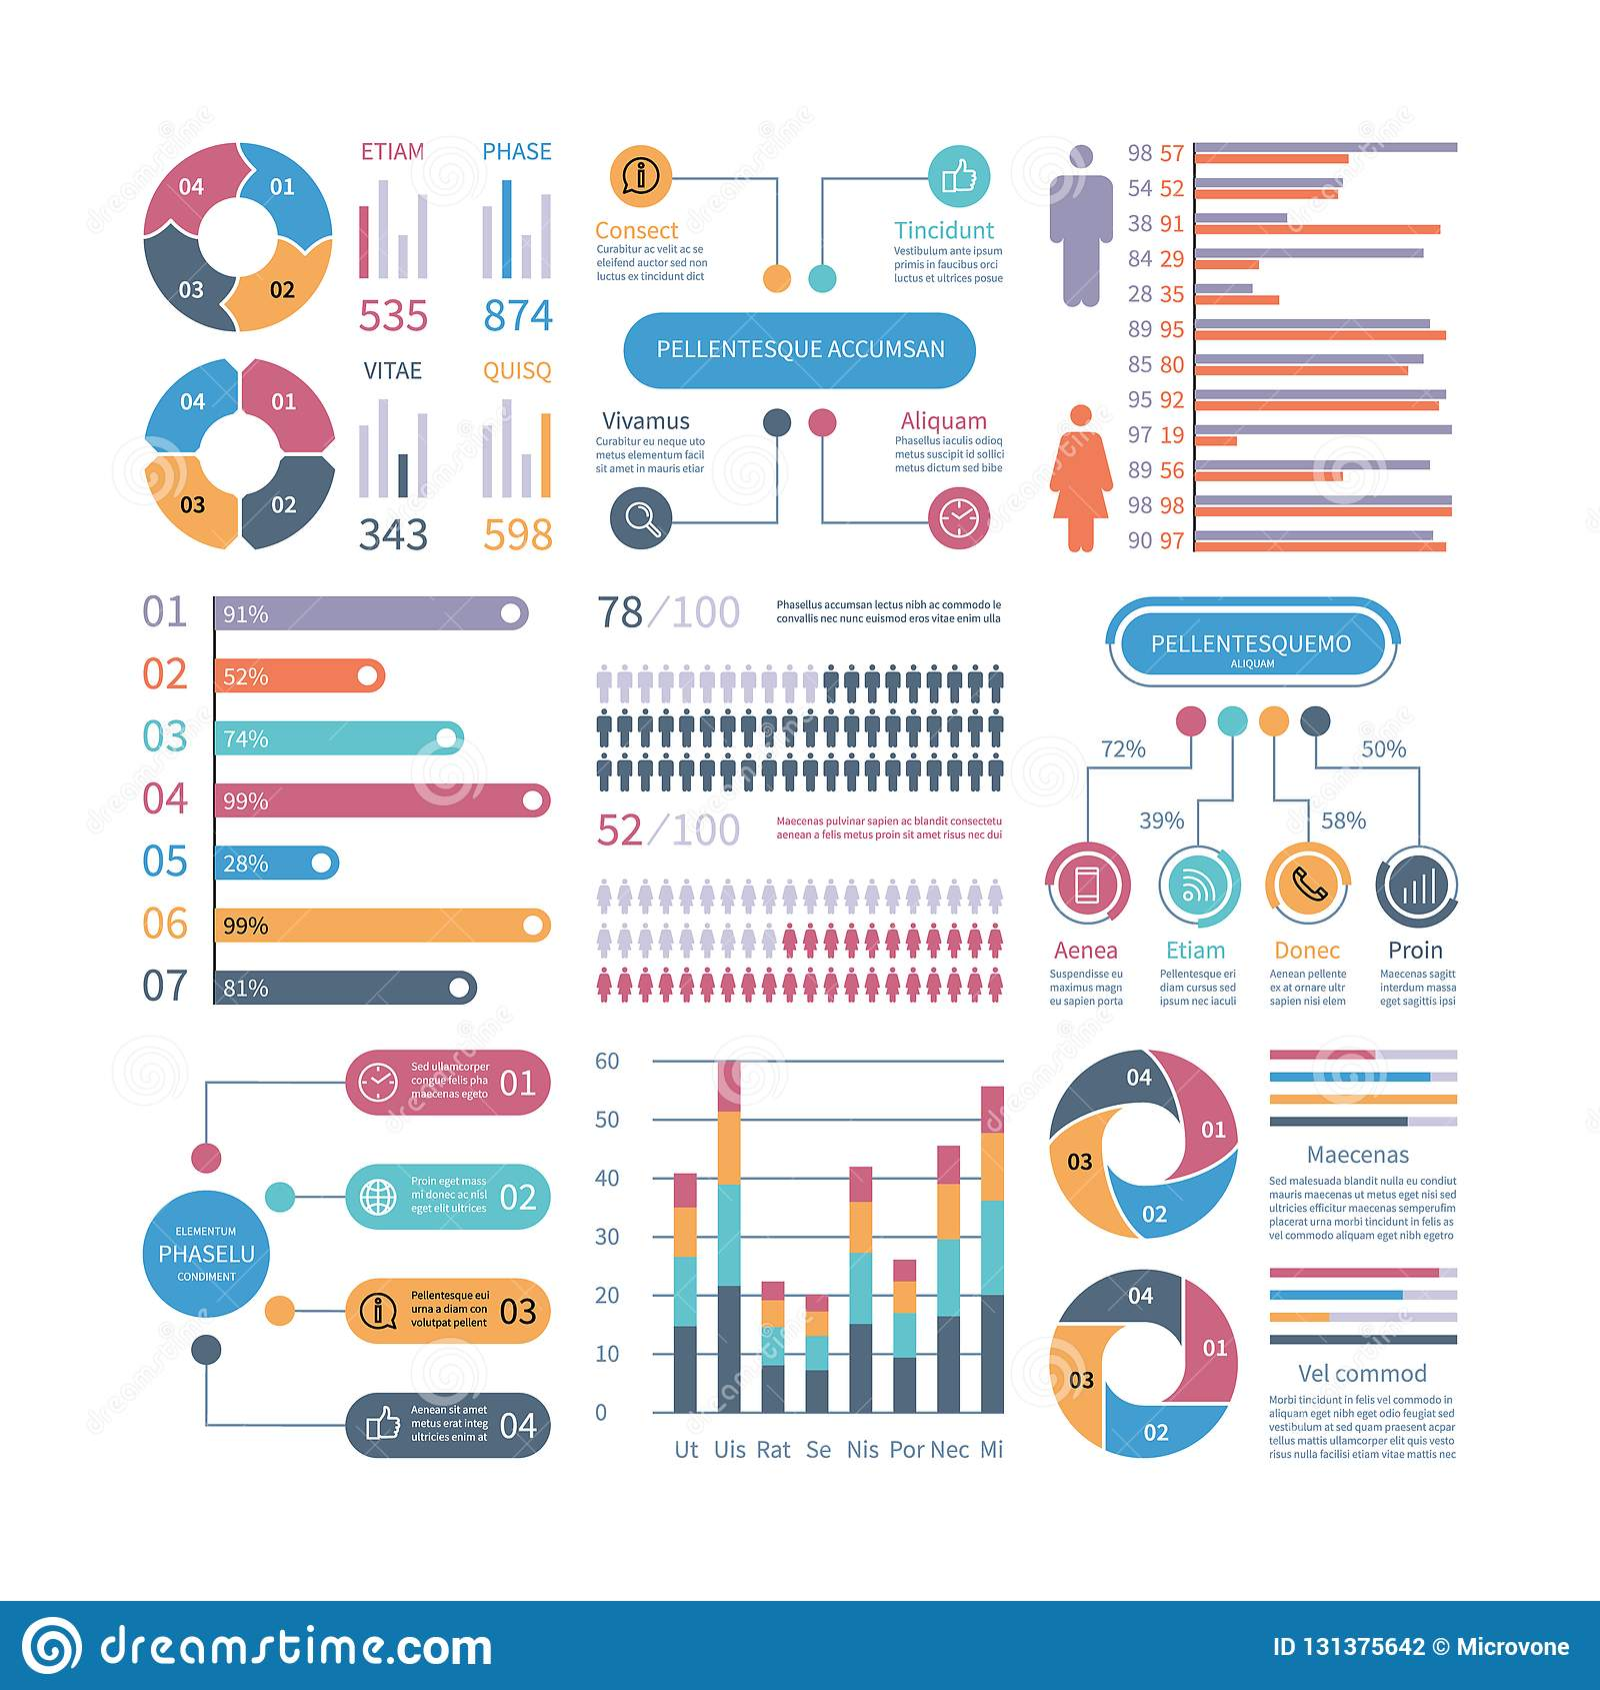 Infographic Diagramme Geschäftsdiagramm-Prozess infochart stellen Wahlflussdiagramm mit Leuteikonen grafisch dar Vektor finanziel